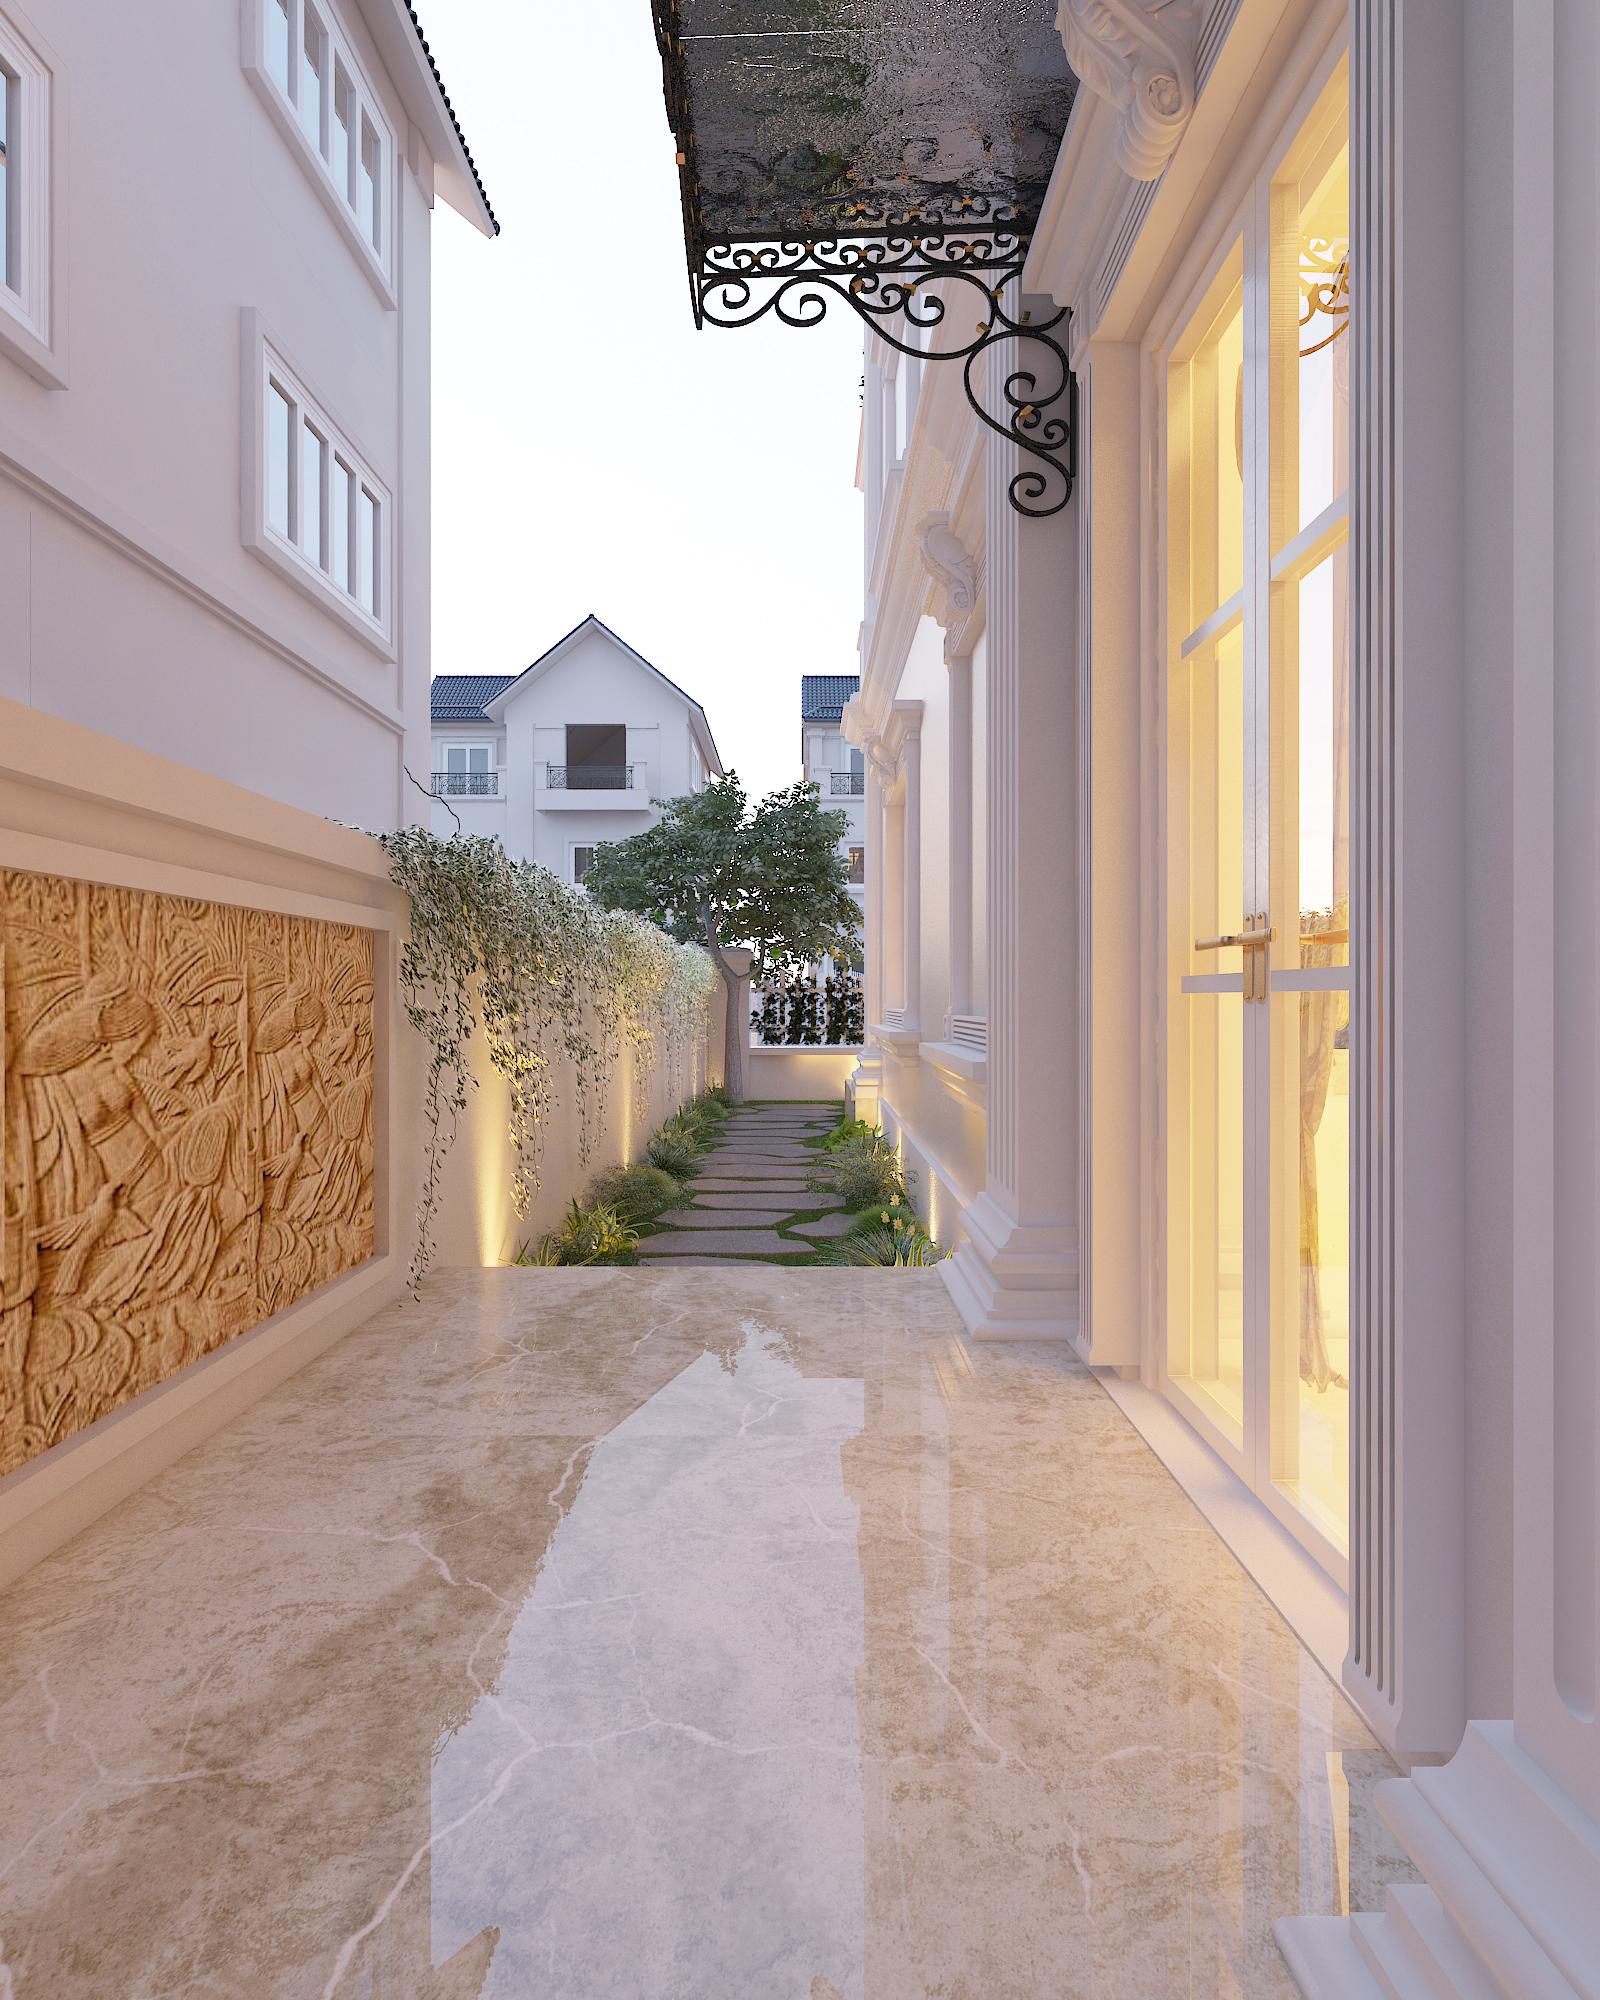 thiết kế nội thất Biệt Thự tại Hà Nội bt Vinhomes - riverside 12 1568276263